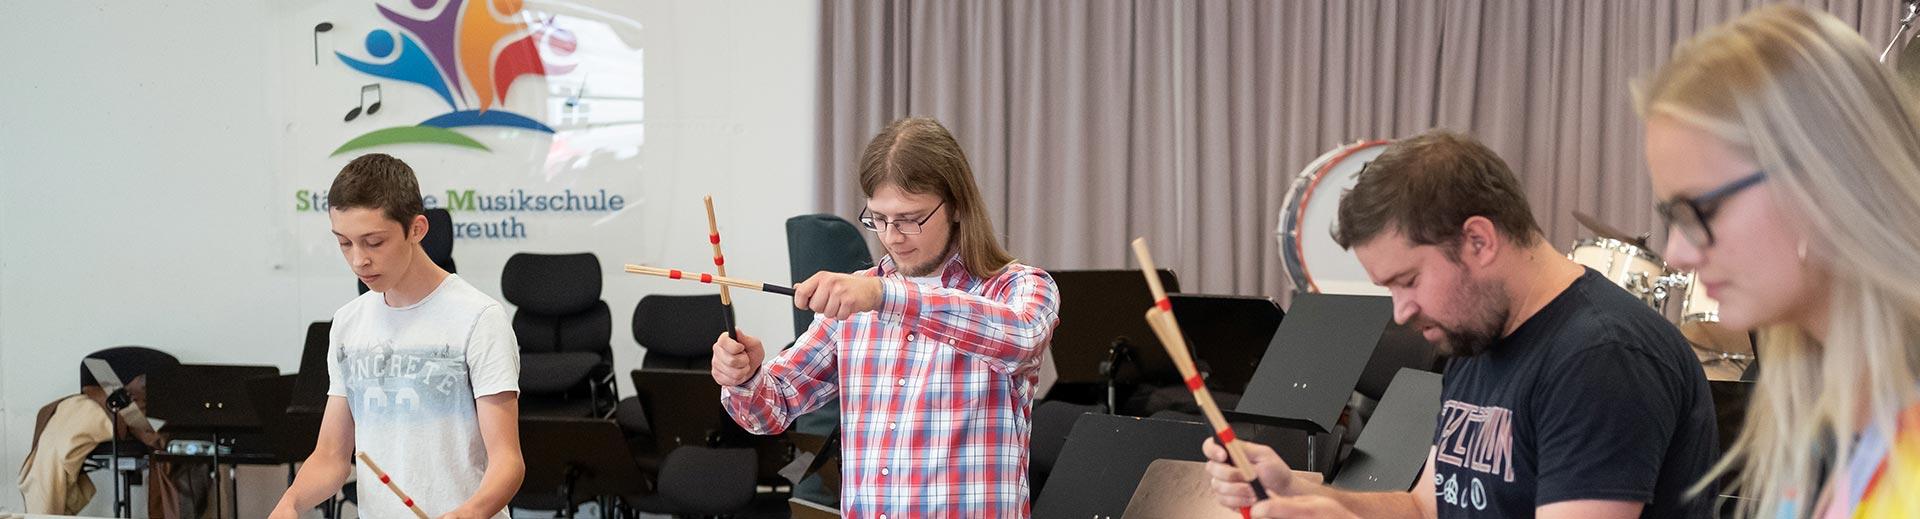 Schlaginstrumente – Musikschule Bayreuth